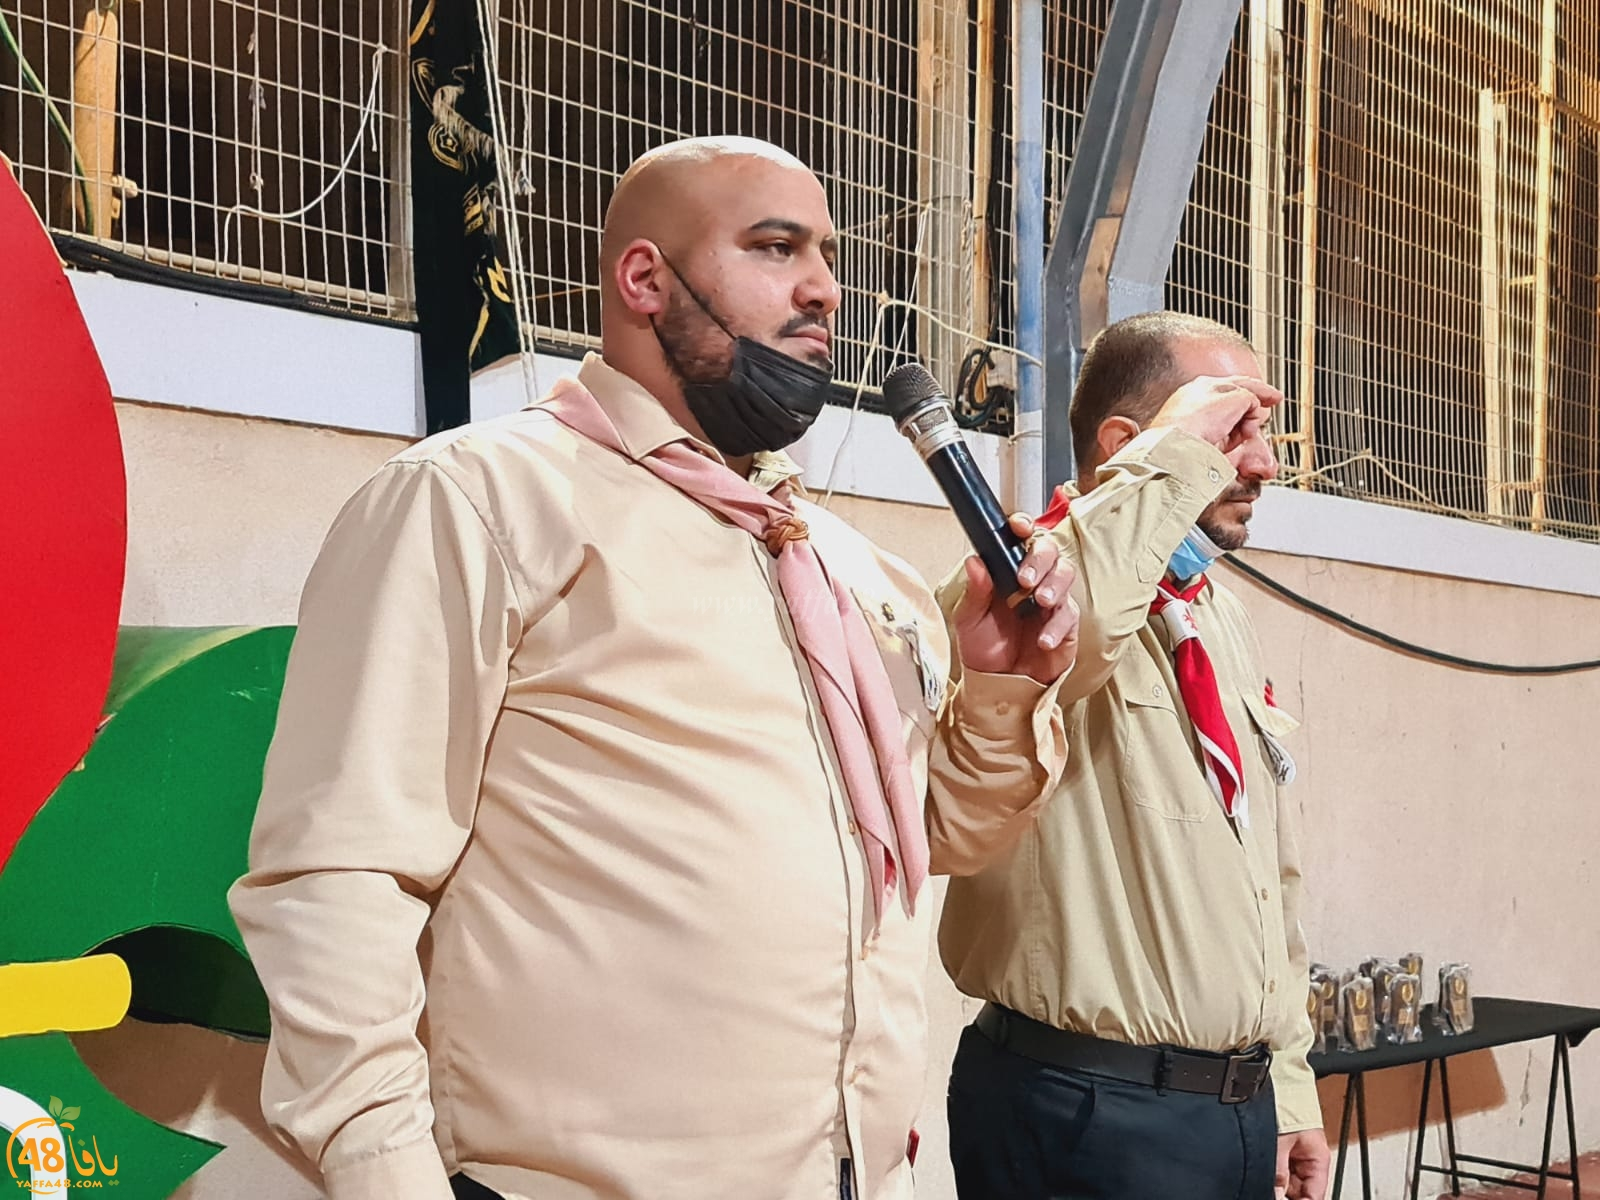 فيديو: الاحتفال بتدشين أعضاء ومرشدين جدد لسرية كشاف النادي الاسلامي بيافا